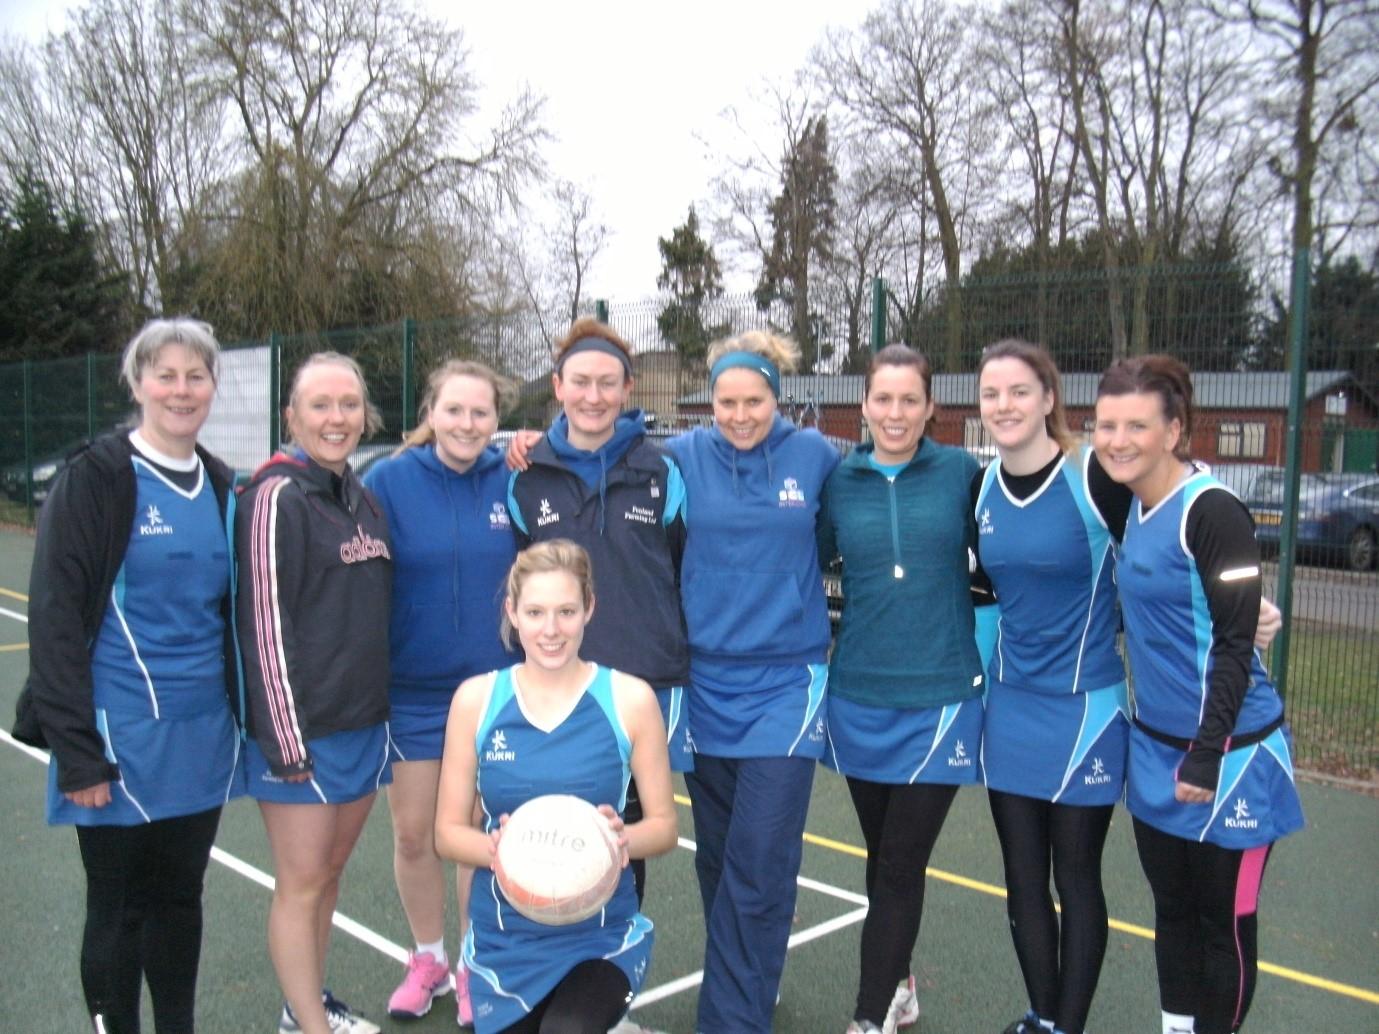 Back row, from the left:Sue, Helen, Hannah, Sarah, Olivia (Captain) Rebecca, Daisy, Kate. Front row: Emma.